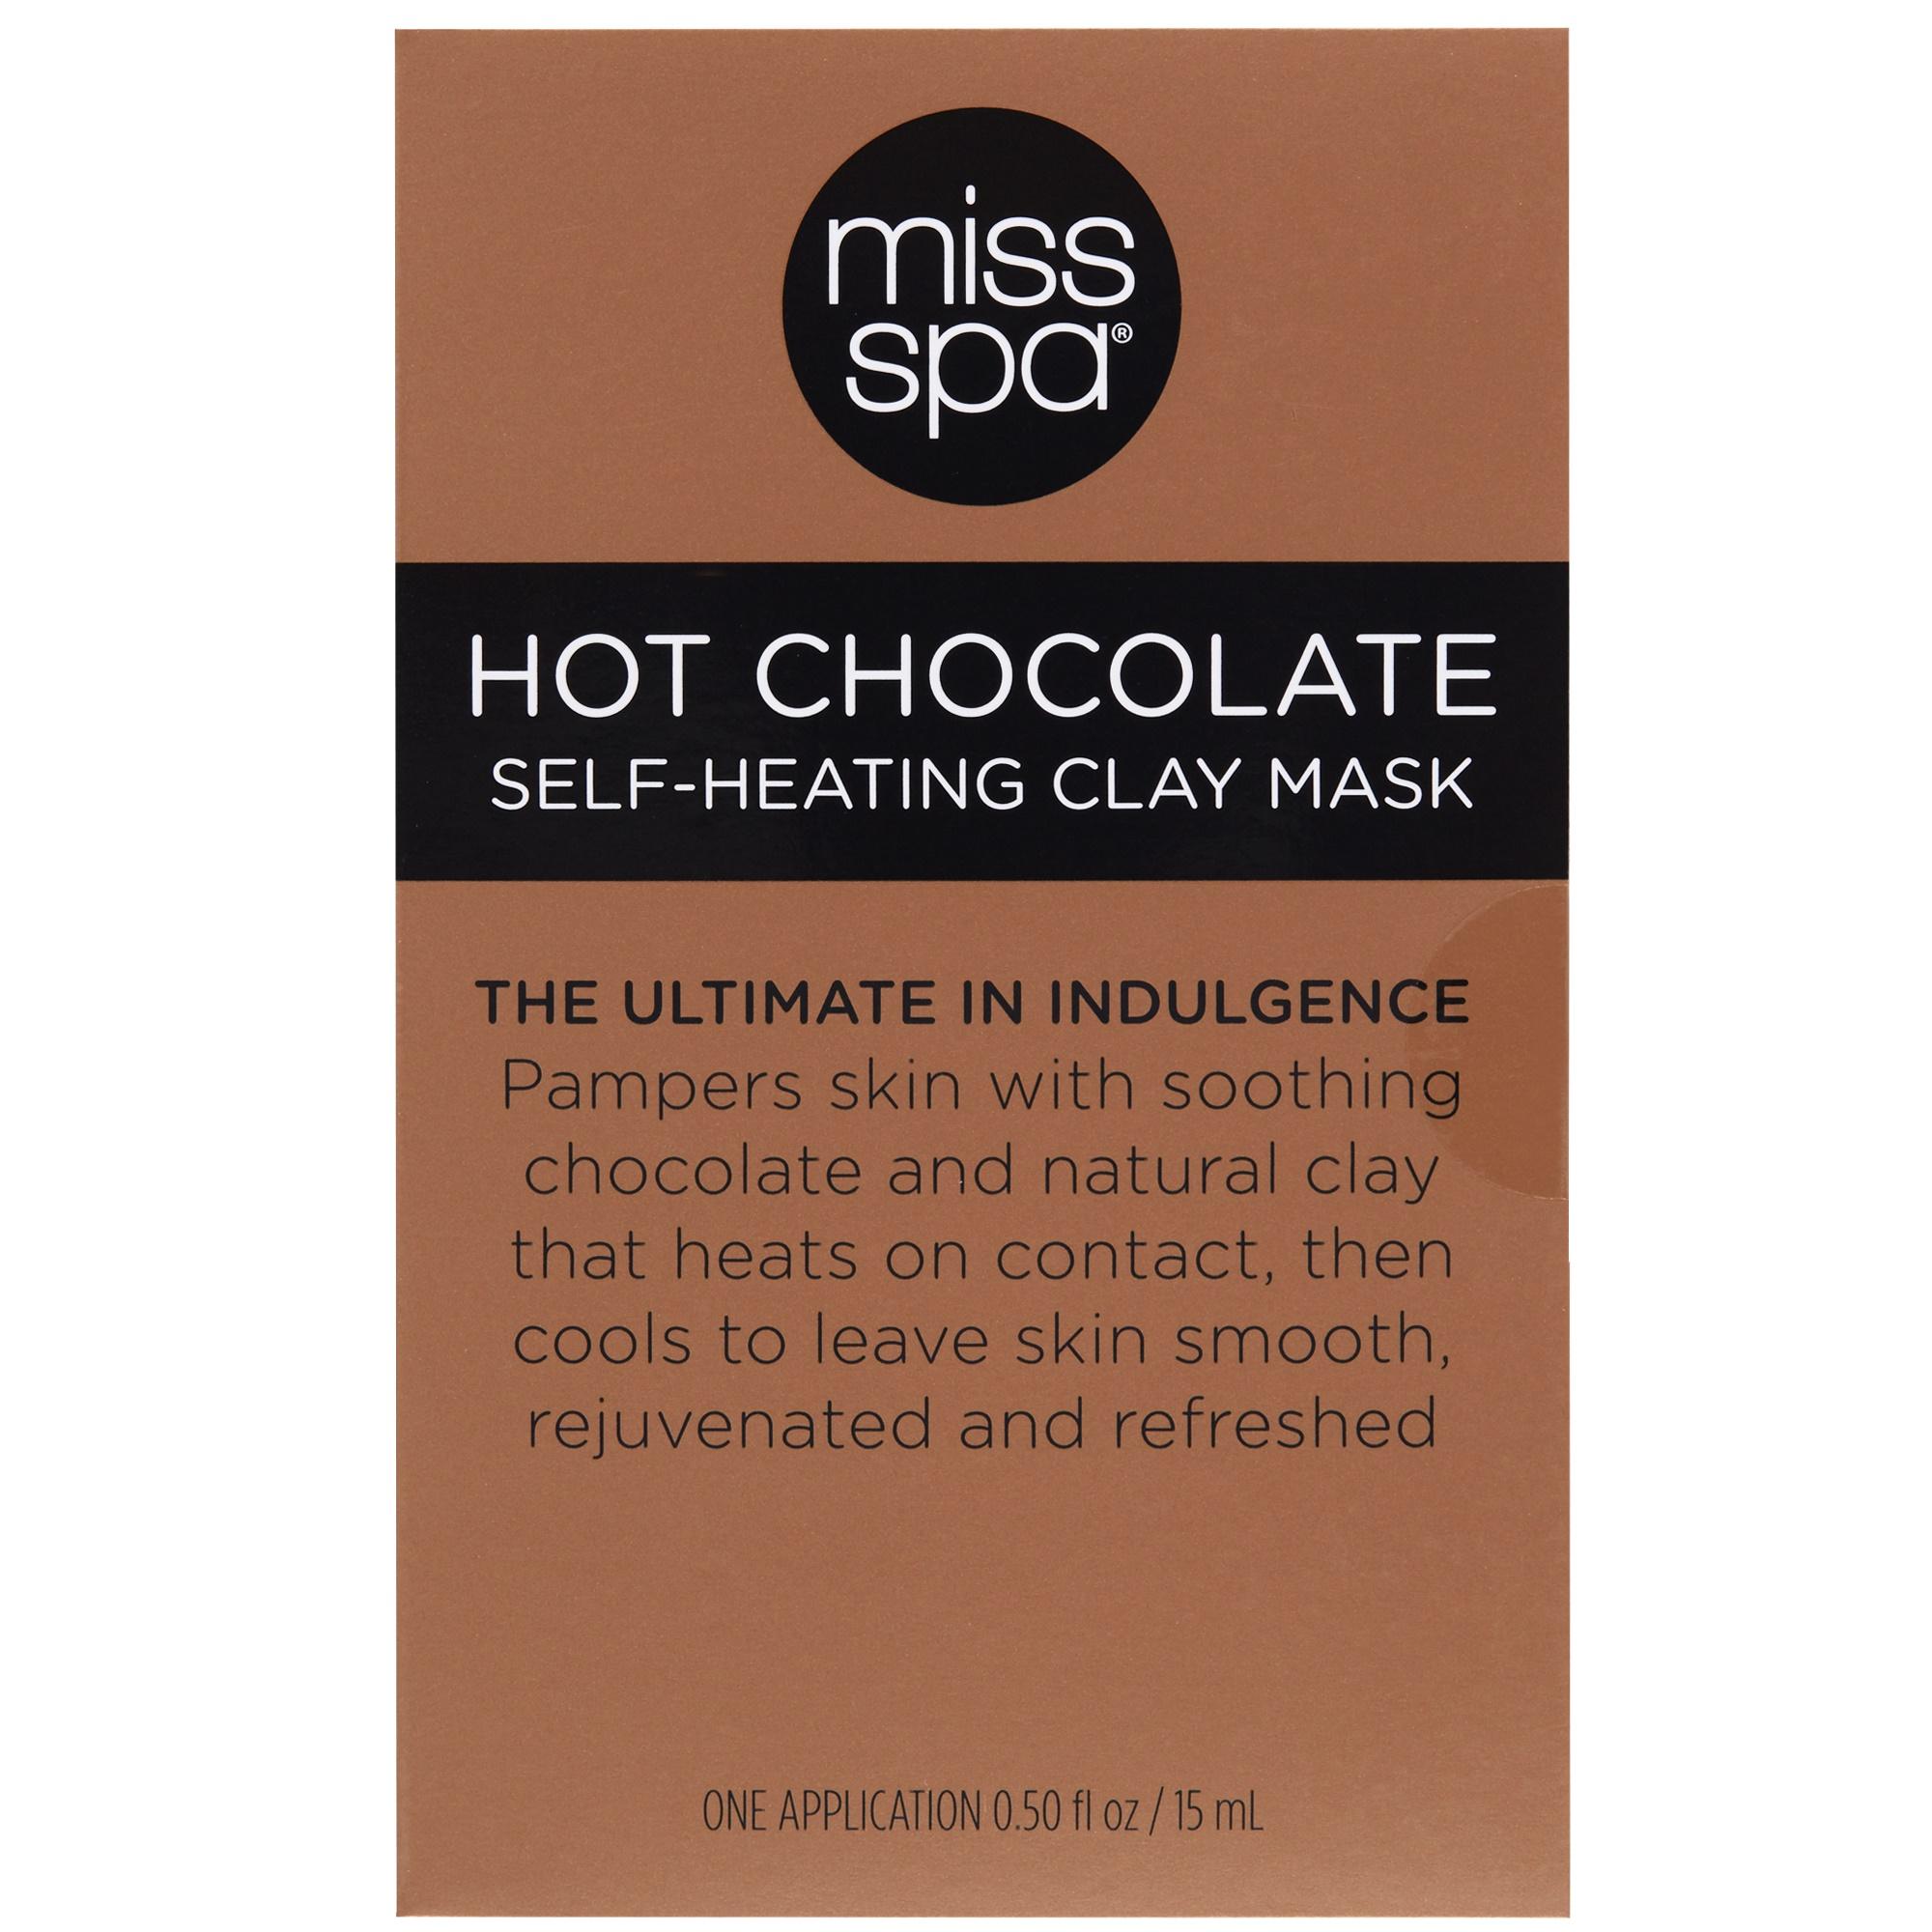 MissSpaHotChocolate.jpg